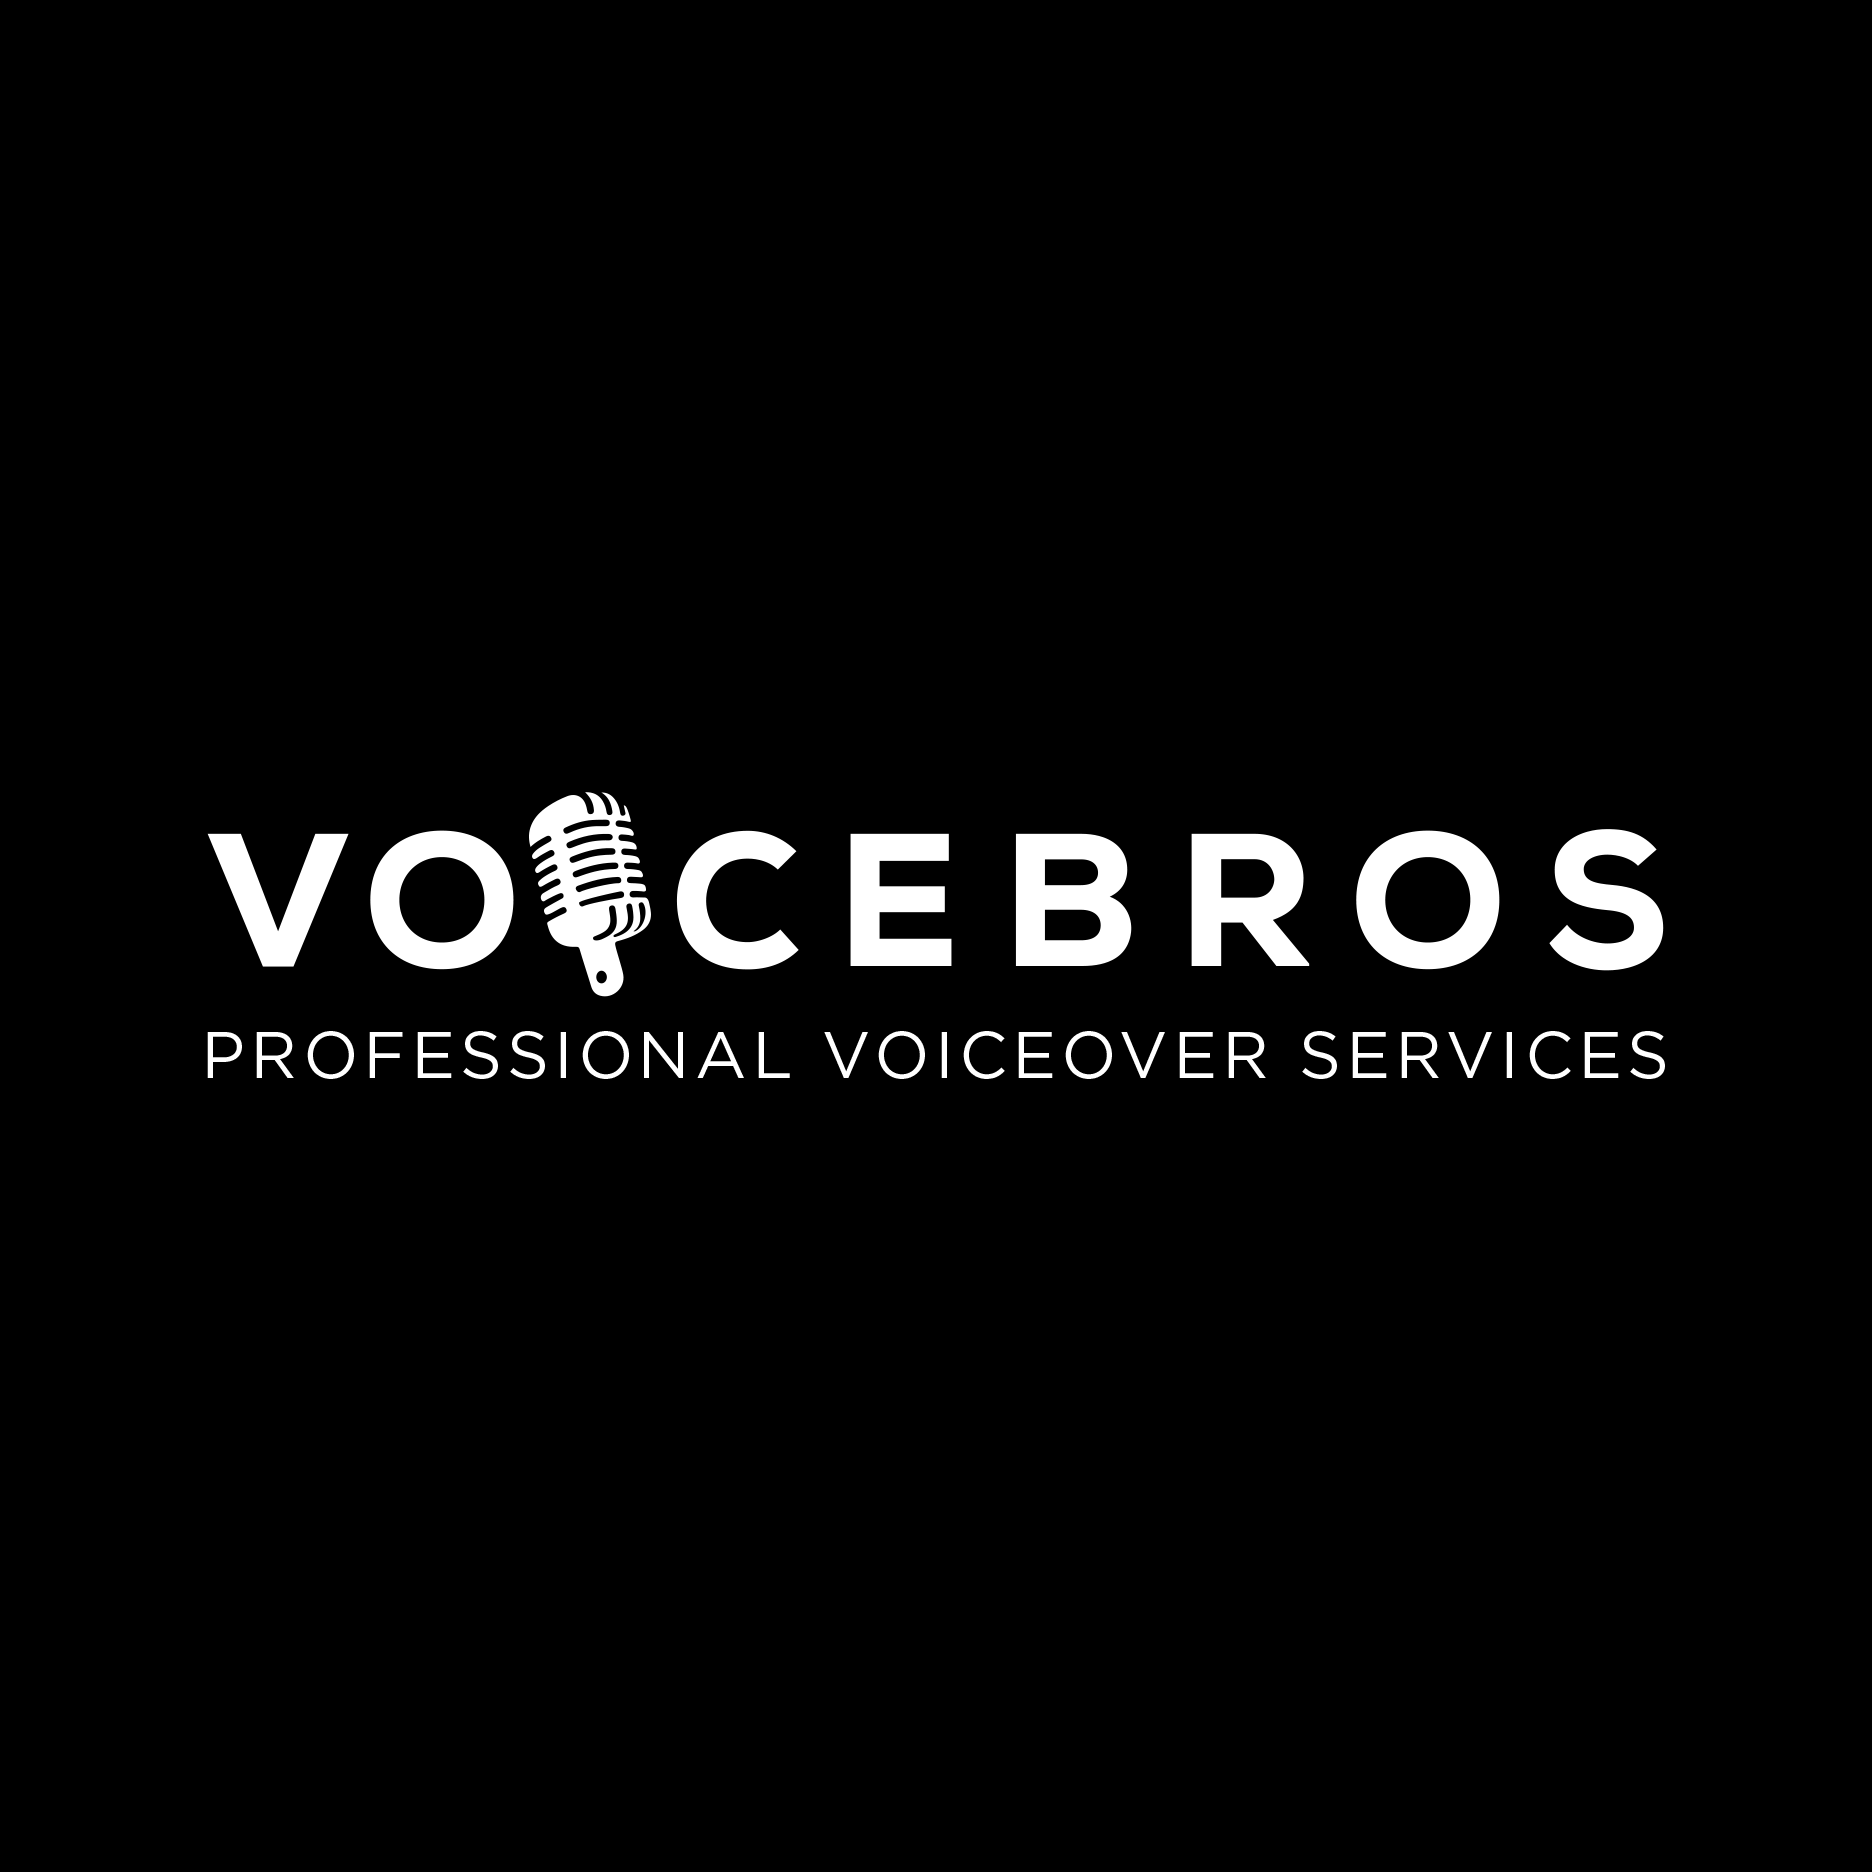 Joel de las Heras Bean is a voice over actor